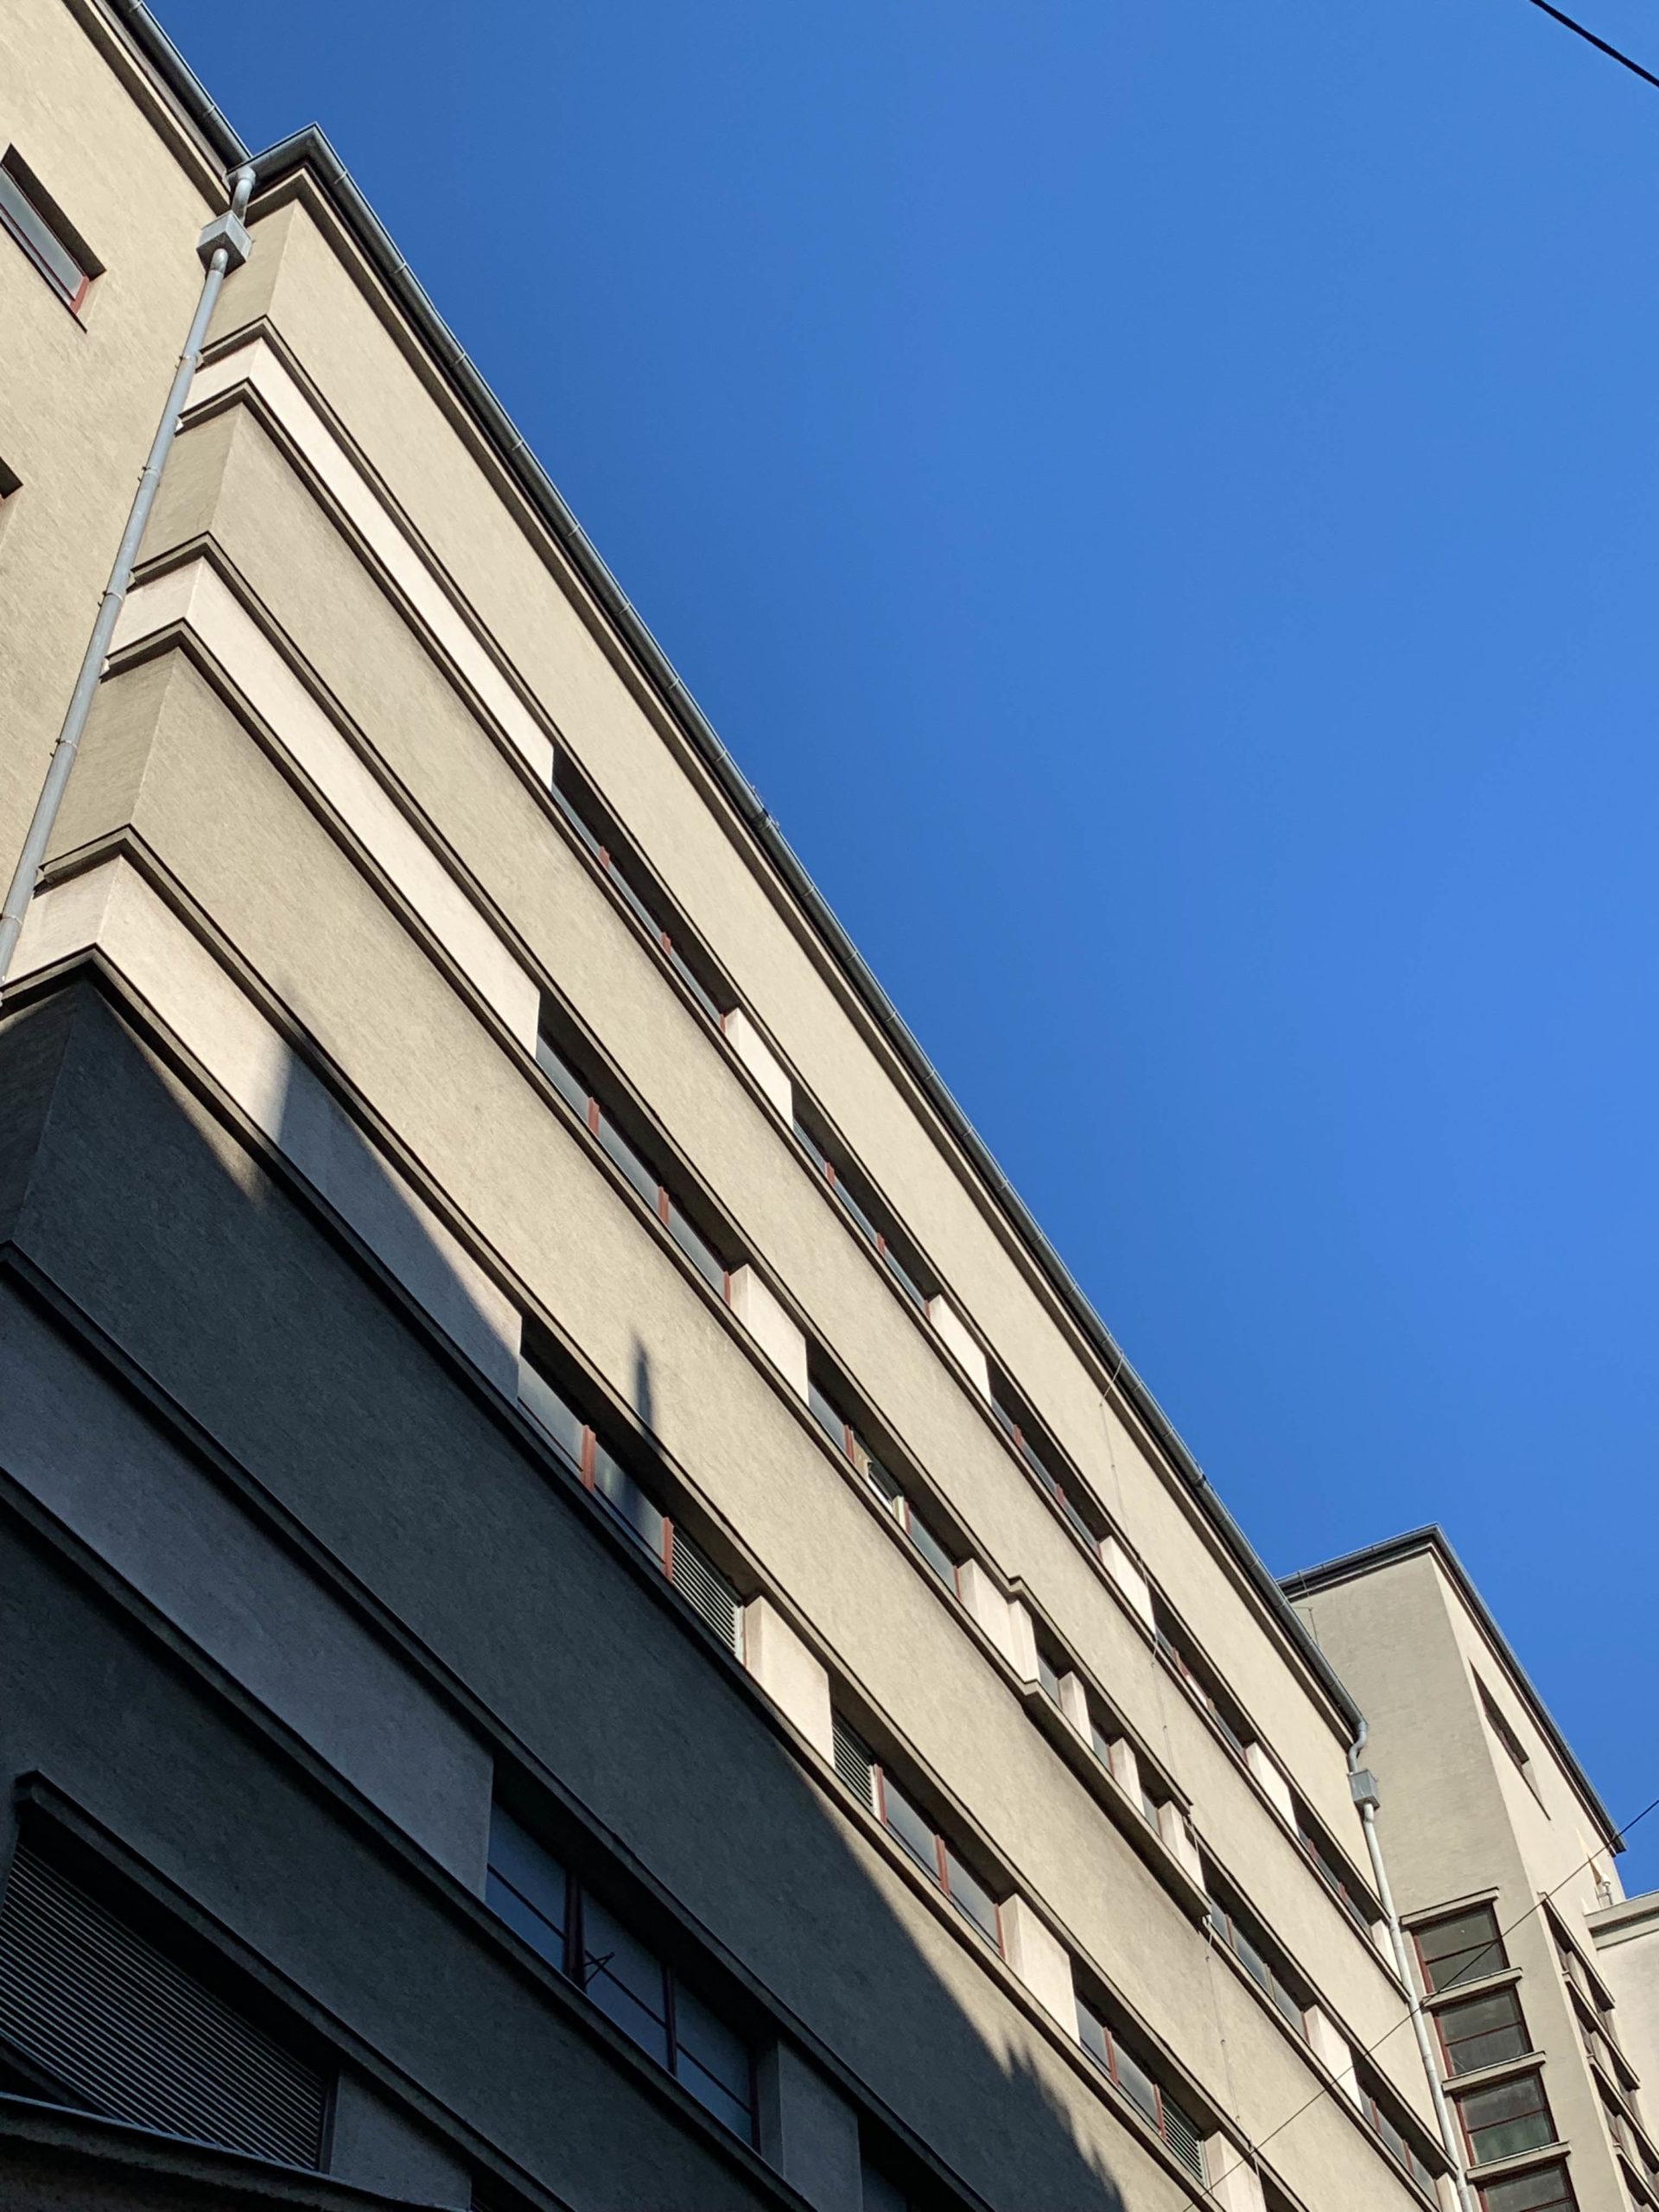 Umspannwerk Favoriten, 1929-1931. Architekten: Eugen Kastner, Fritz Waage